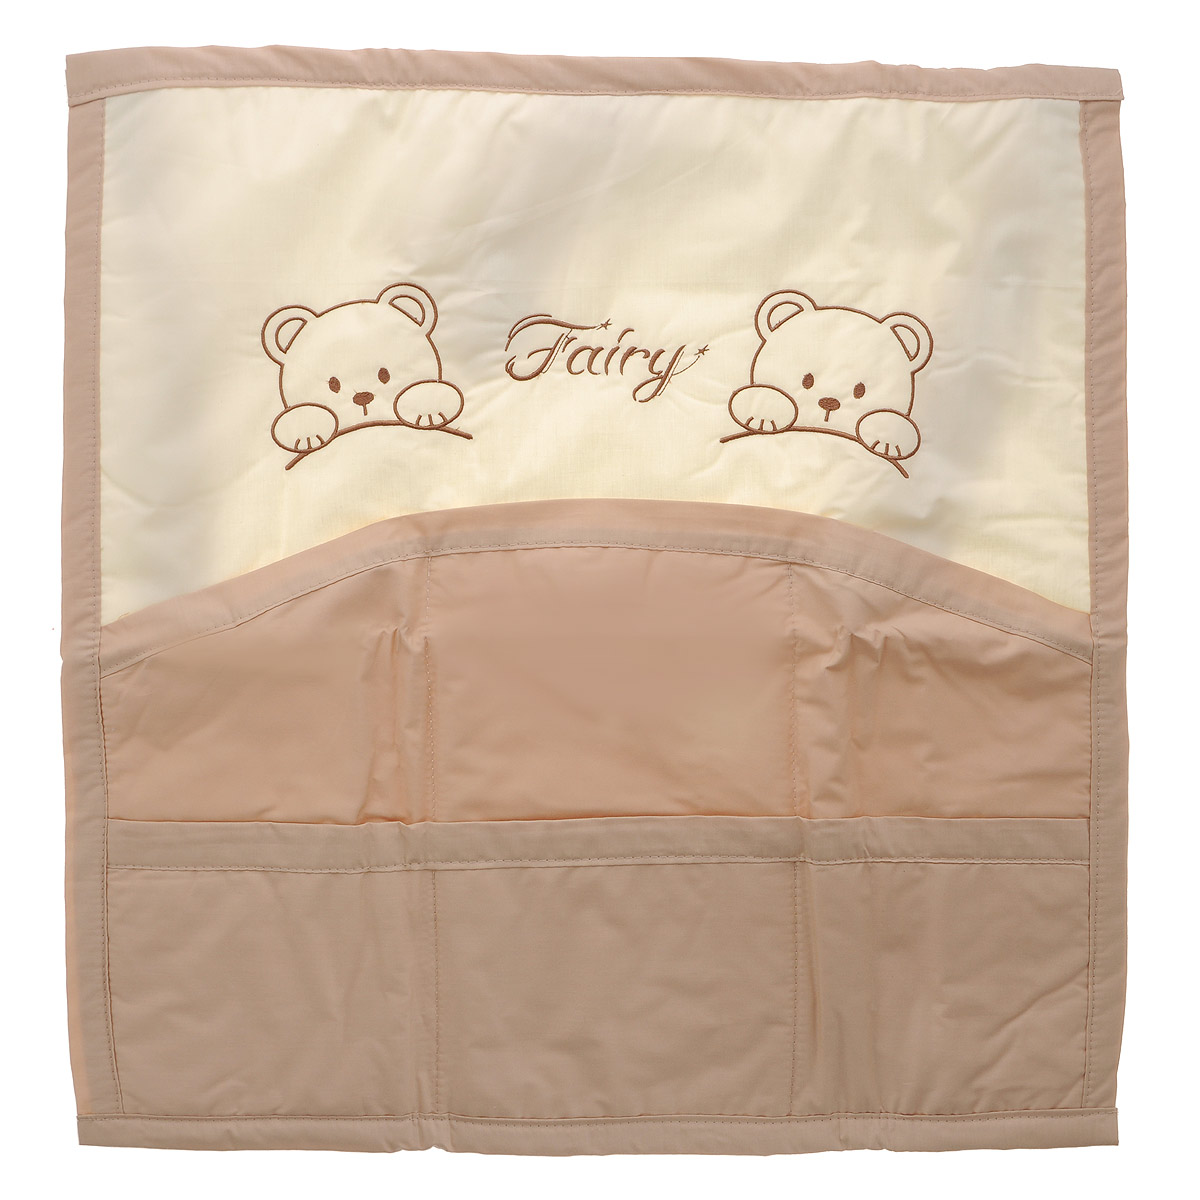 Карман на кроватку Fairy  Мишки , цвет: молочный, бежевый, 59 см х 60 см -  Бортики, бамперы